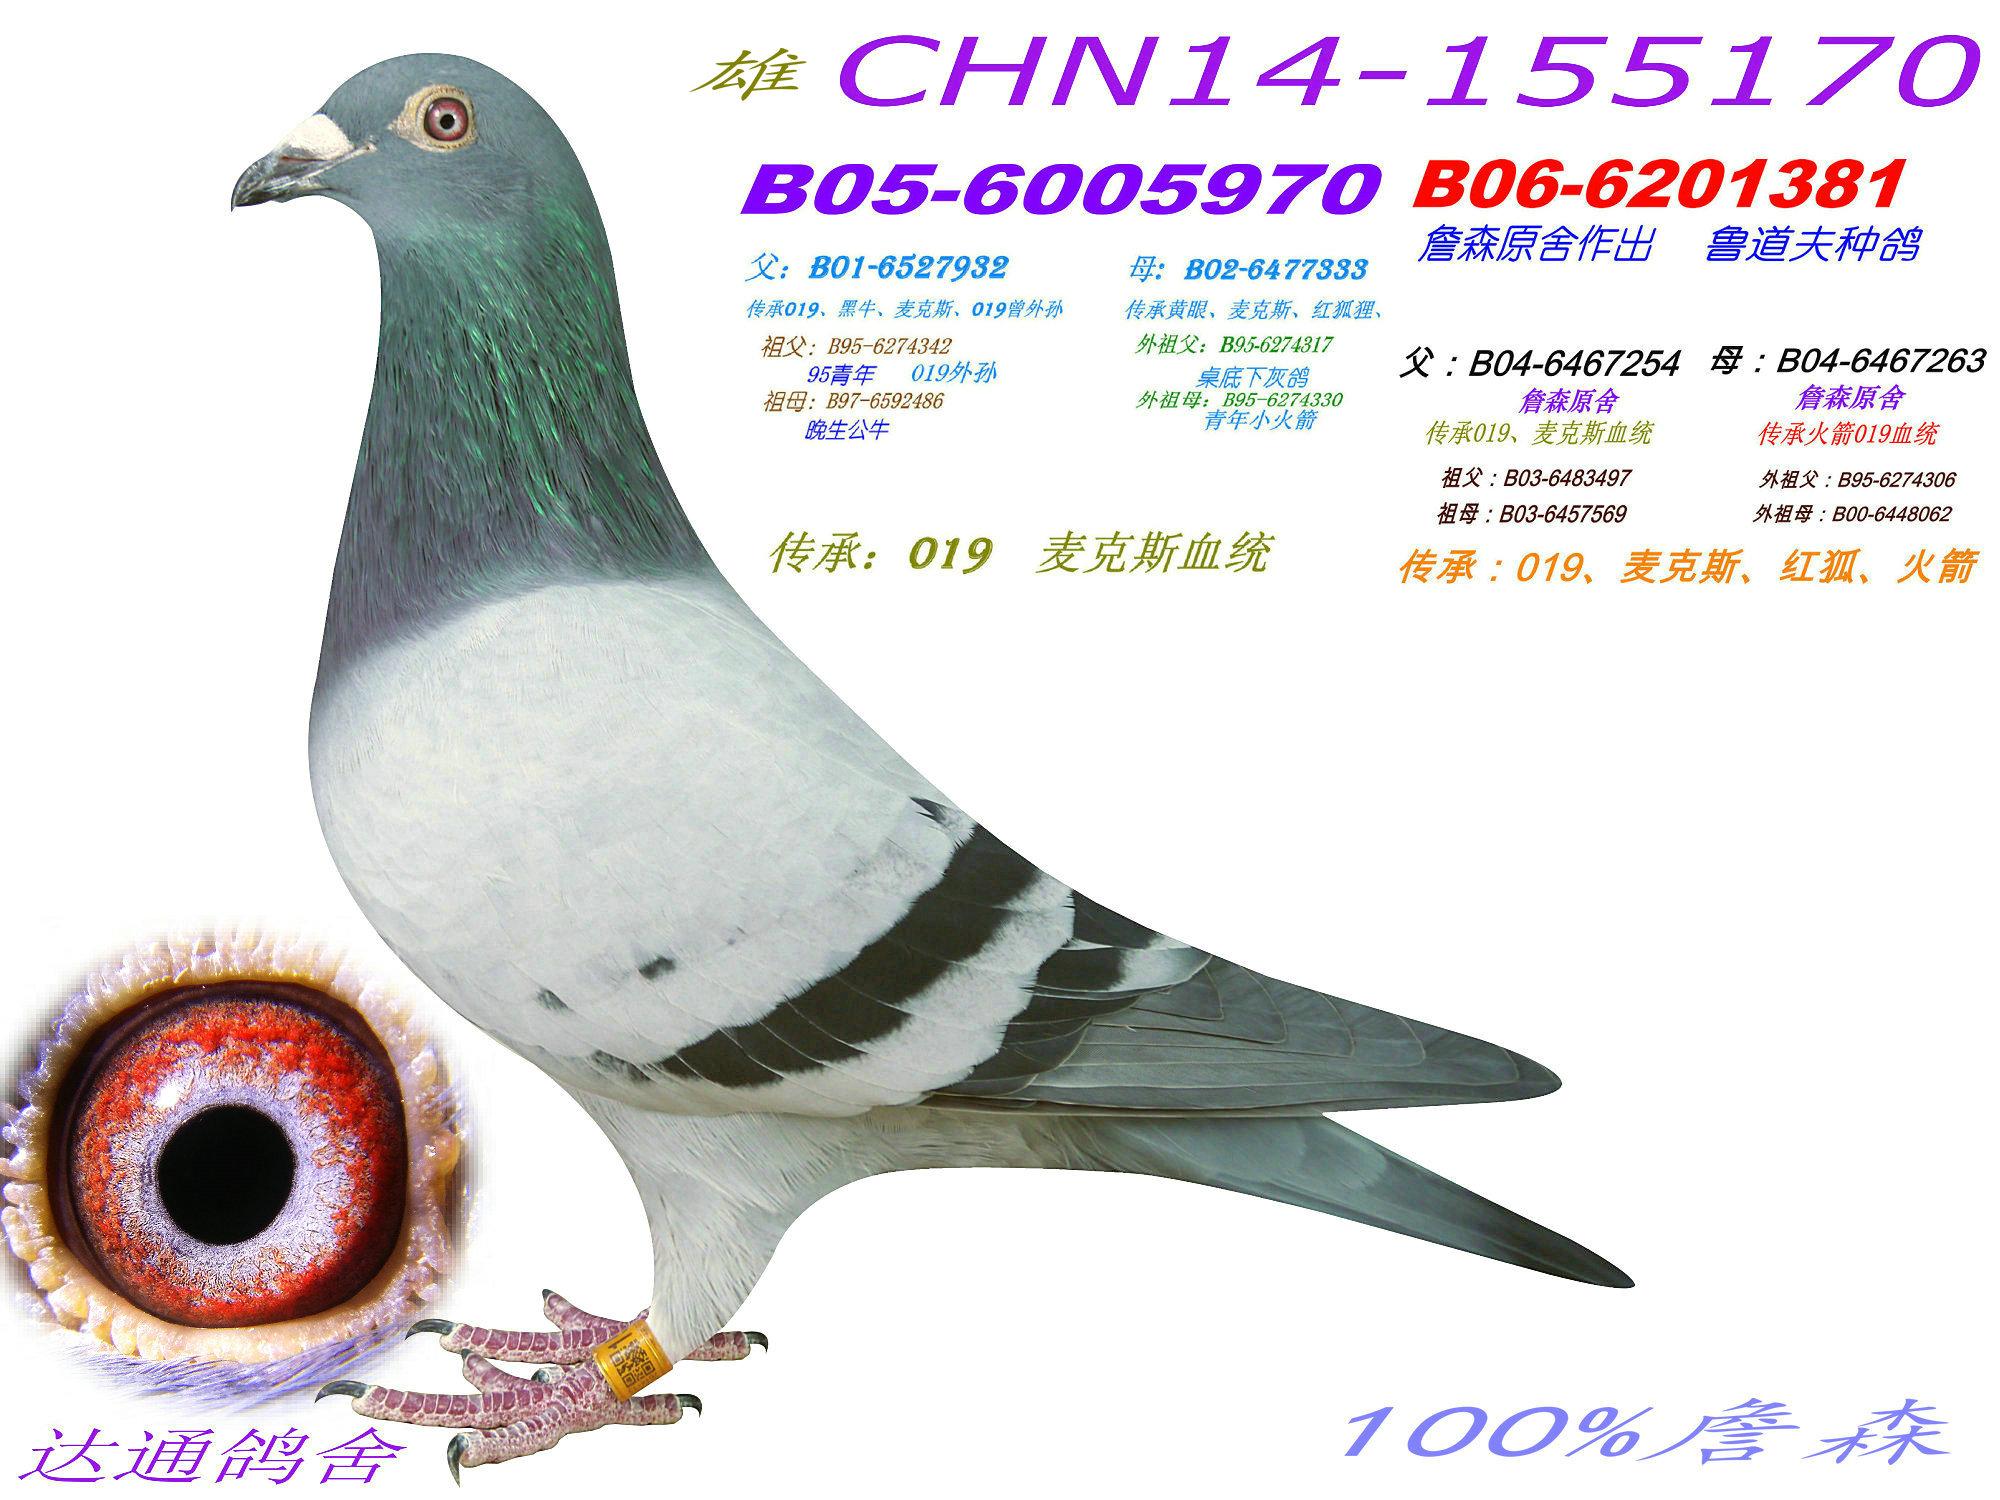 动物 鸽 鸽子 教学图示 鸟 鸟类 2000_1500